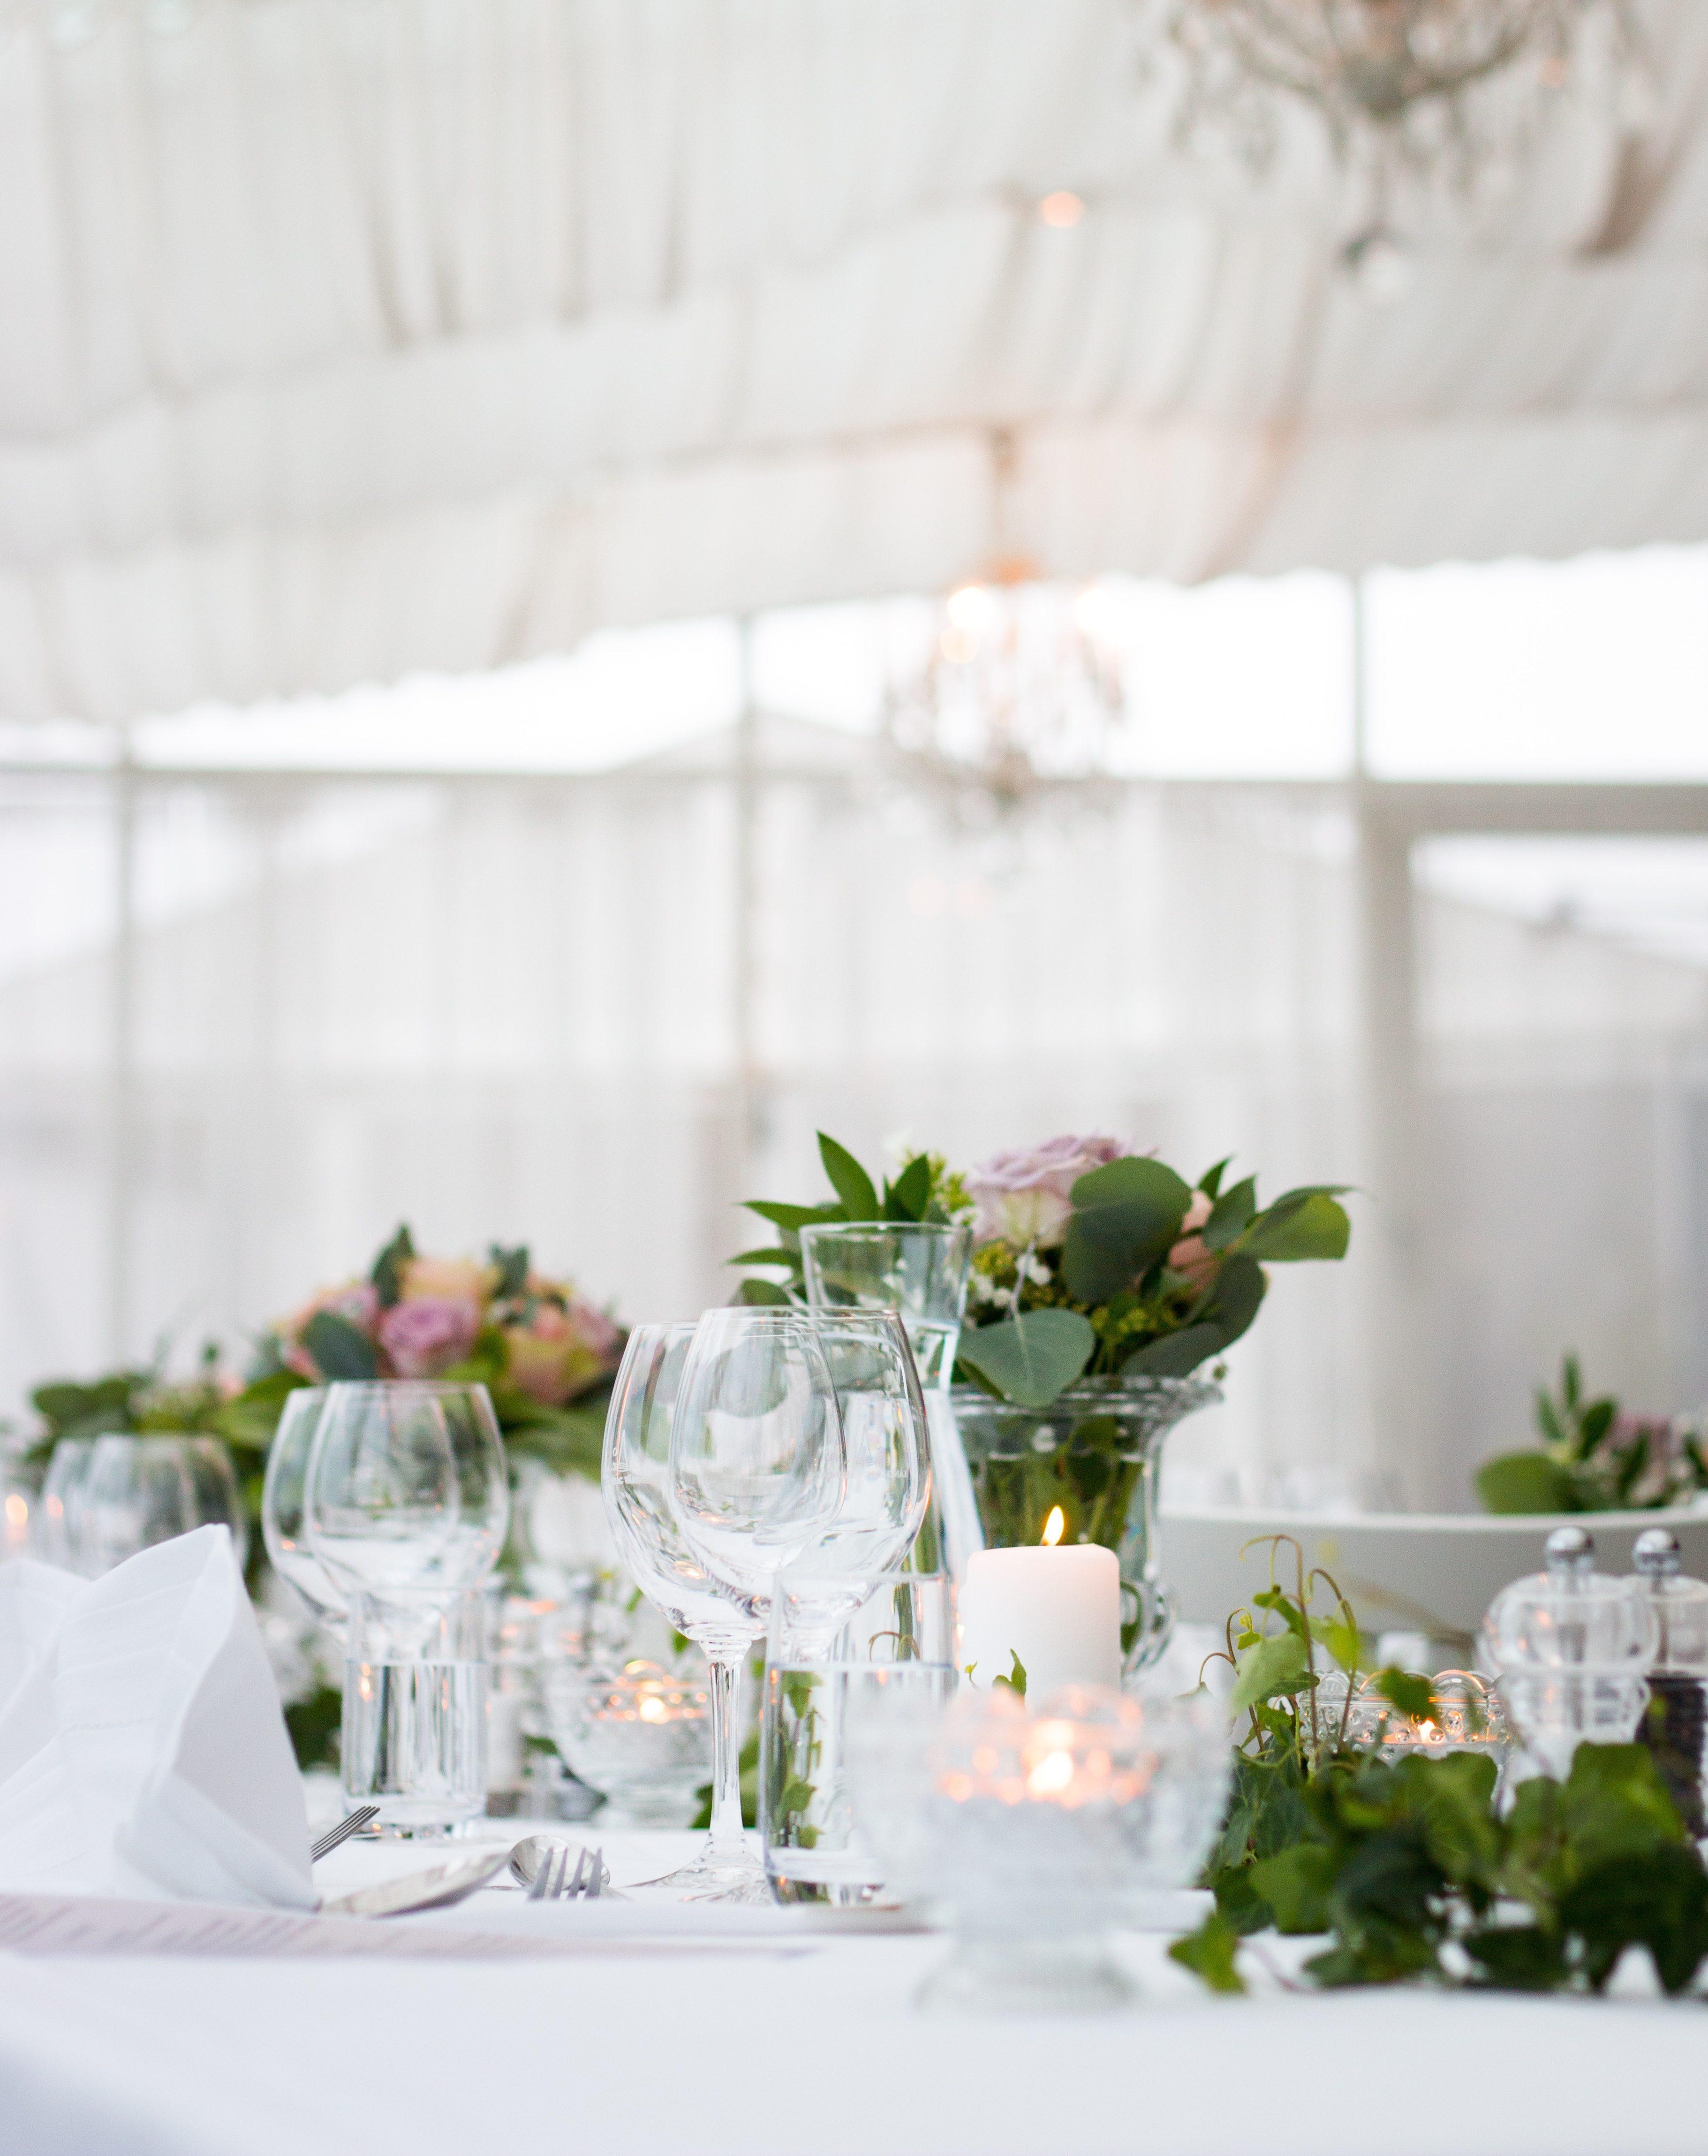 Tisch dekoriert für die Feier